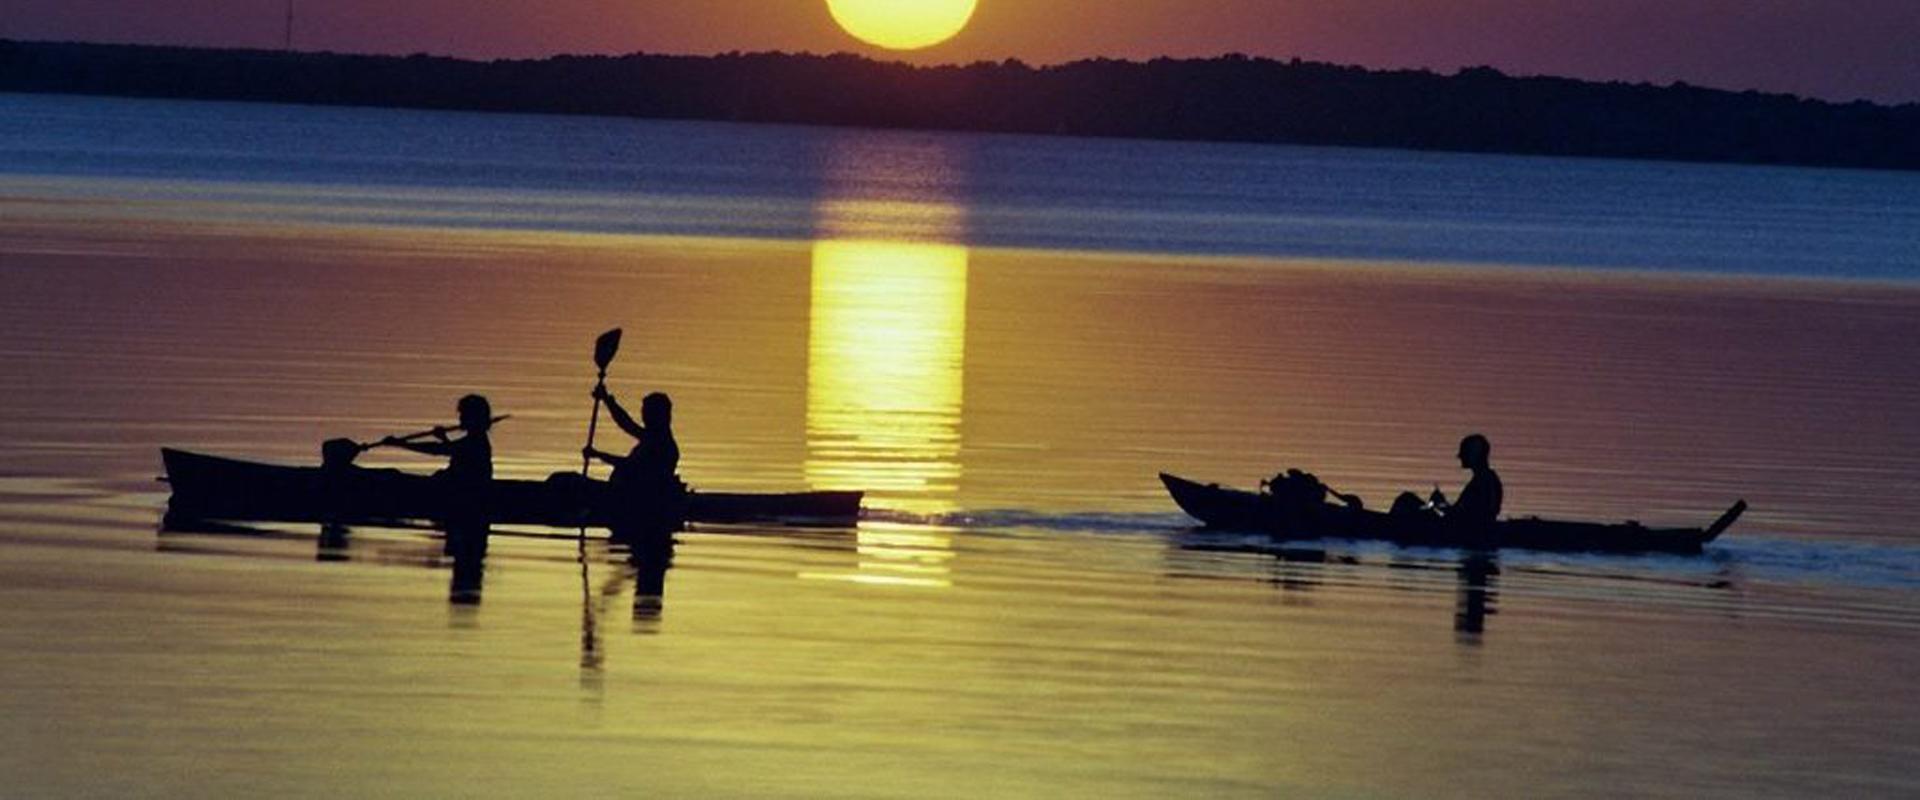 Permalink zu:Sommerträume auf mecklenburgischen Seen